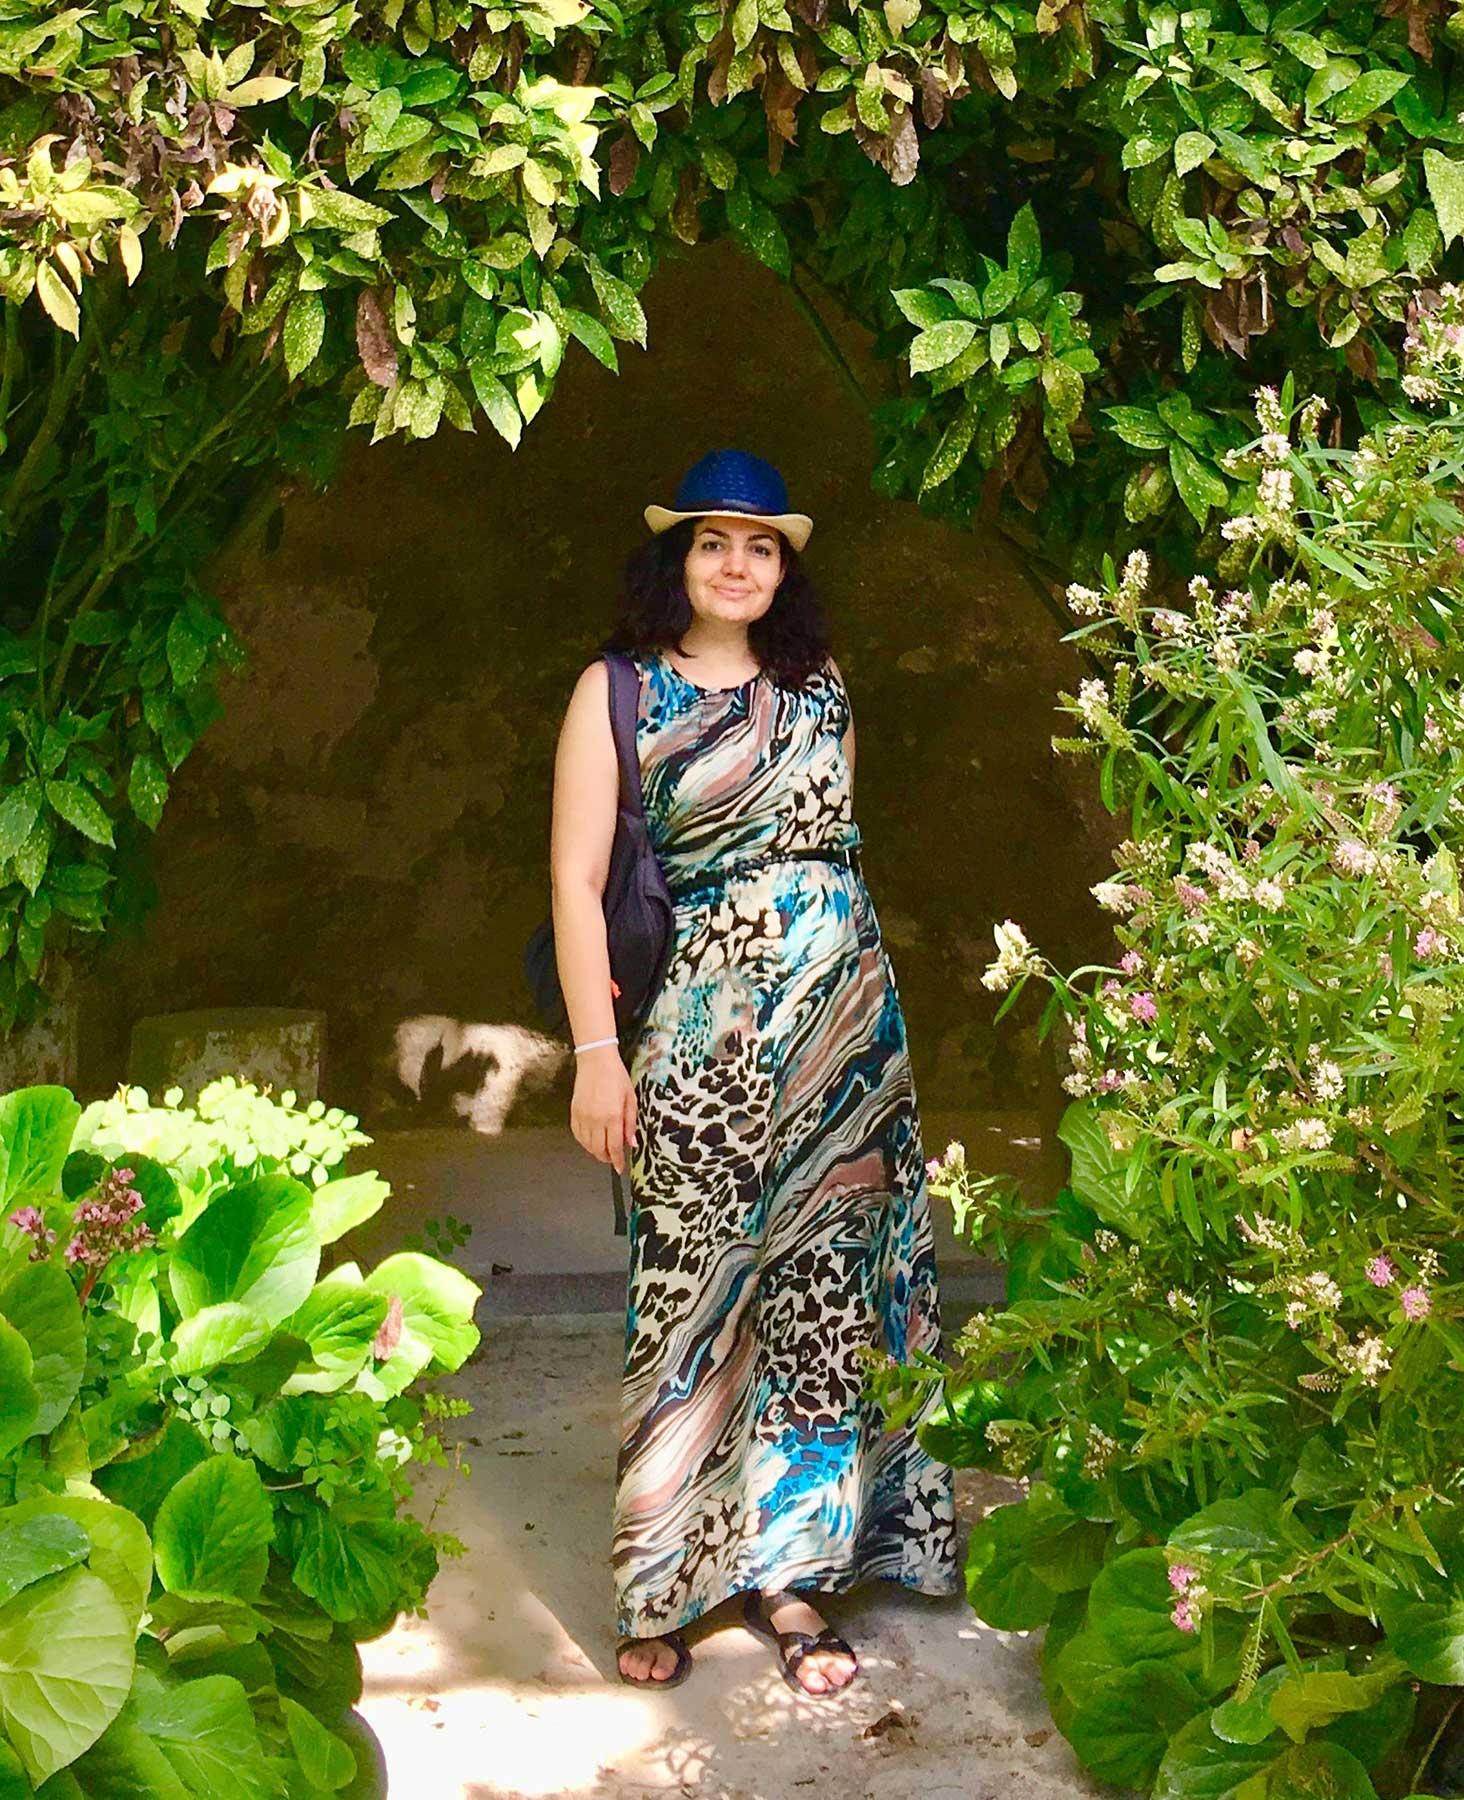 Anna Kelian standing in nature